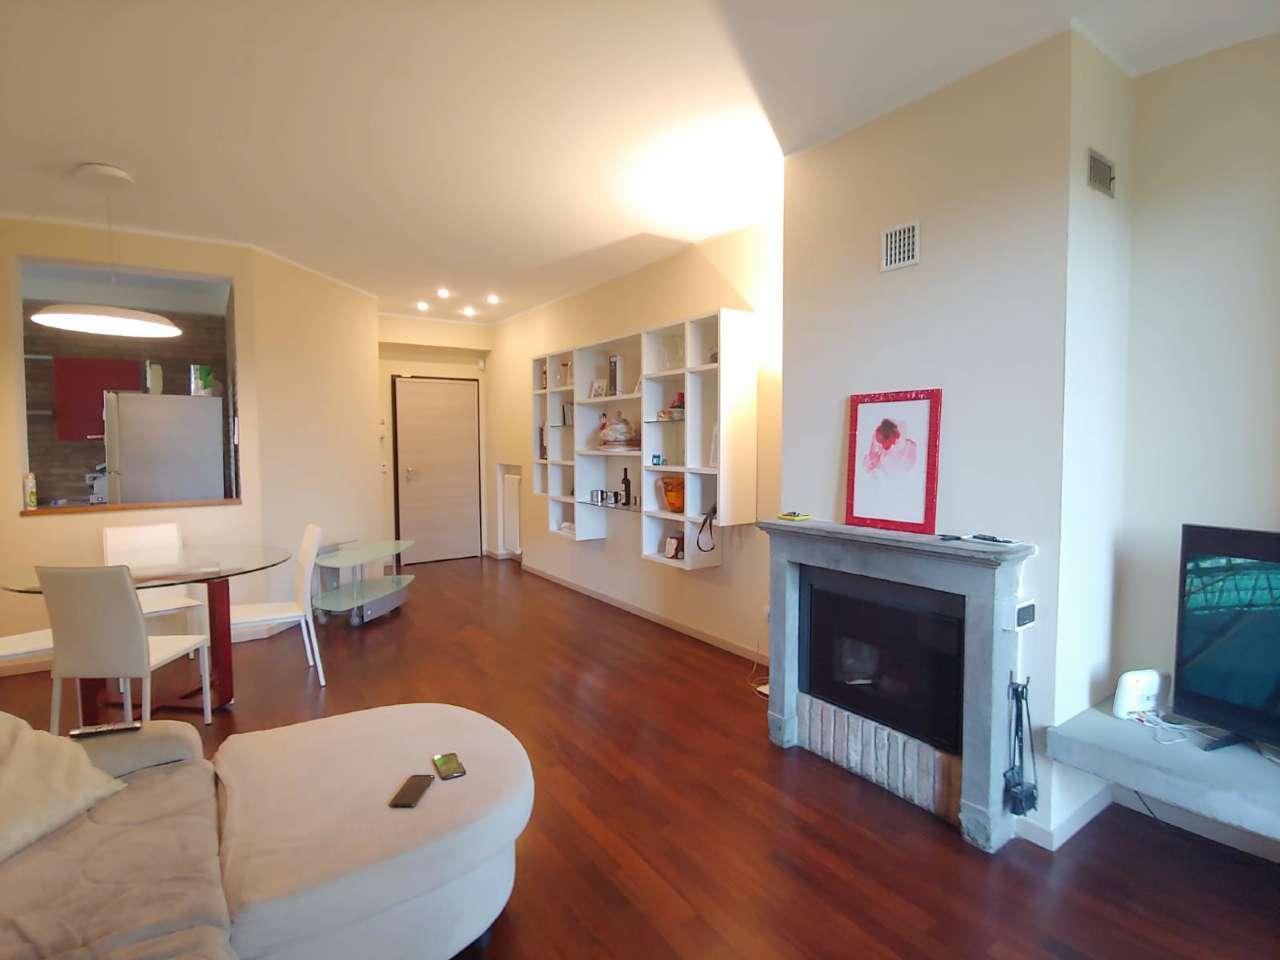 Appartamento in vendita a Reggio Emilia, 3 locali, prezzo € 150.000   CambioCasa.it